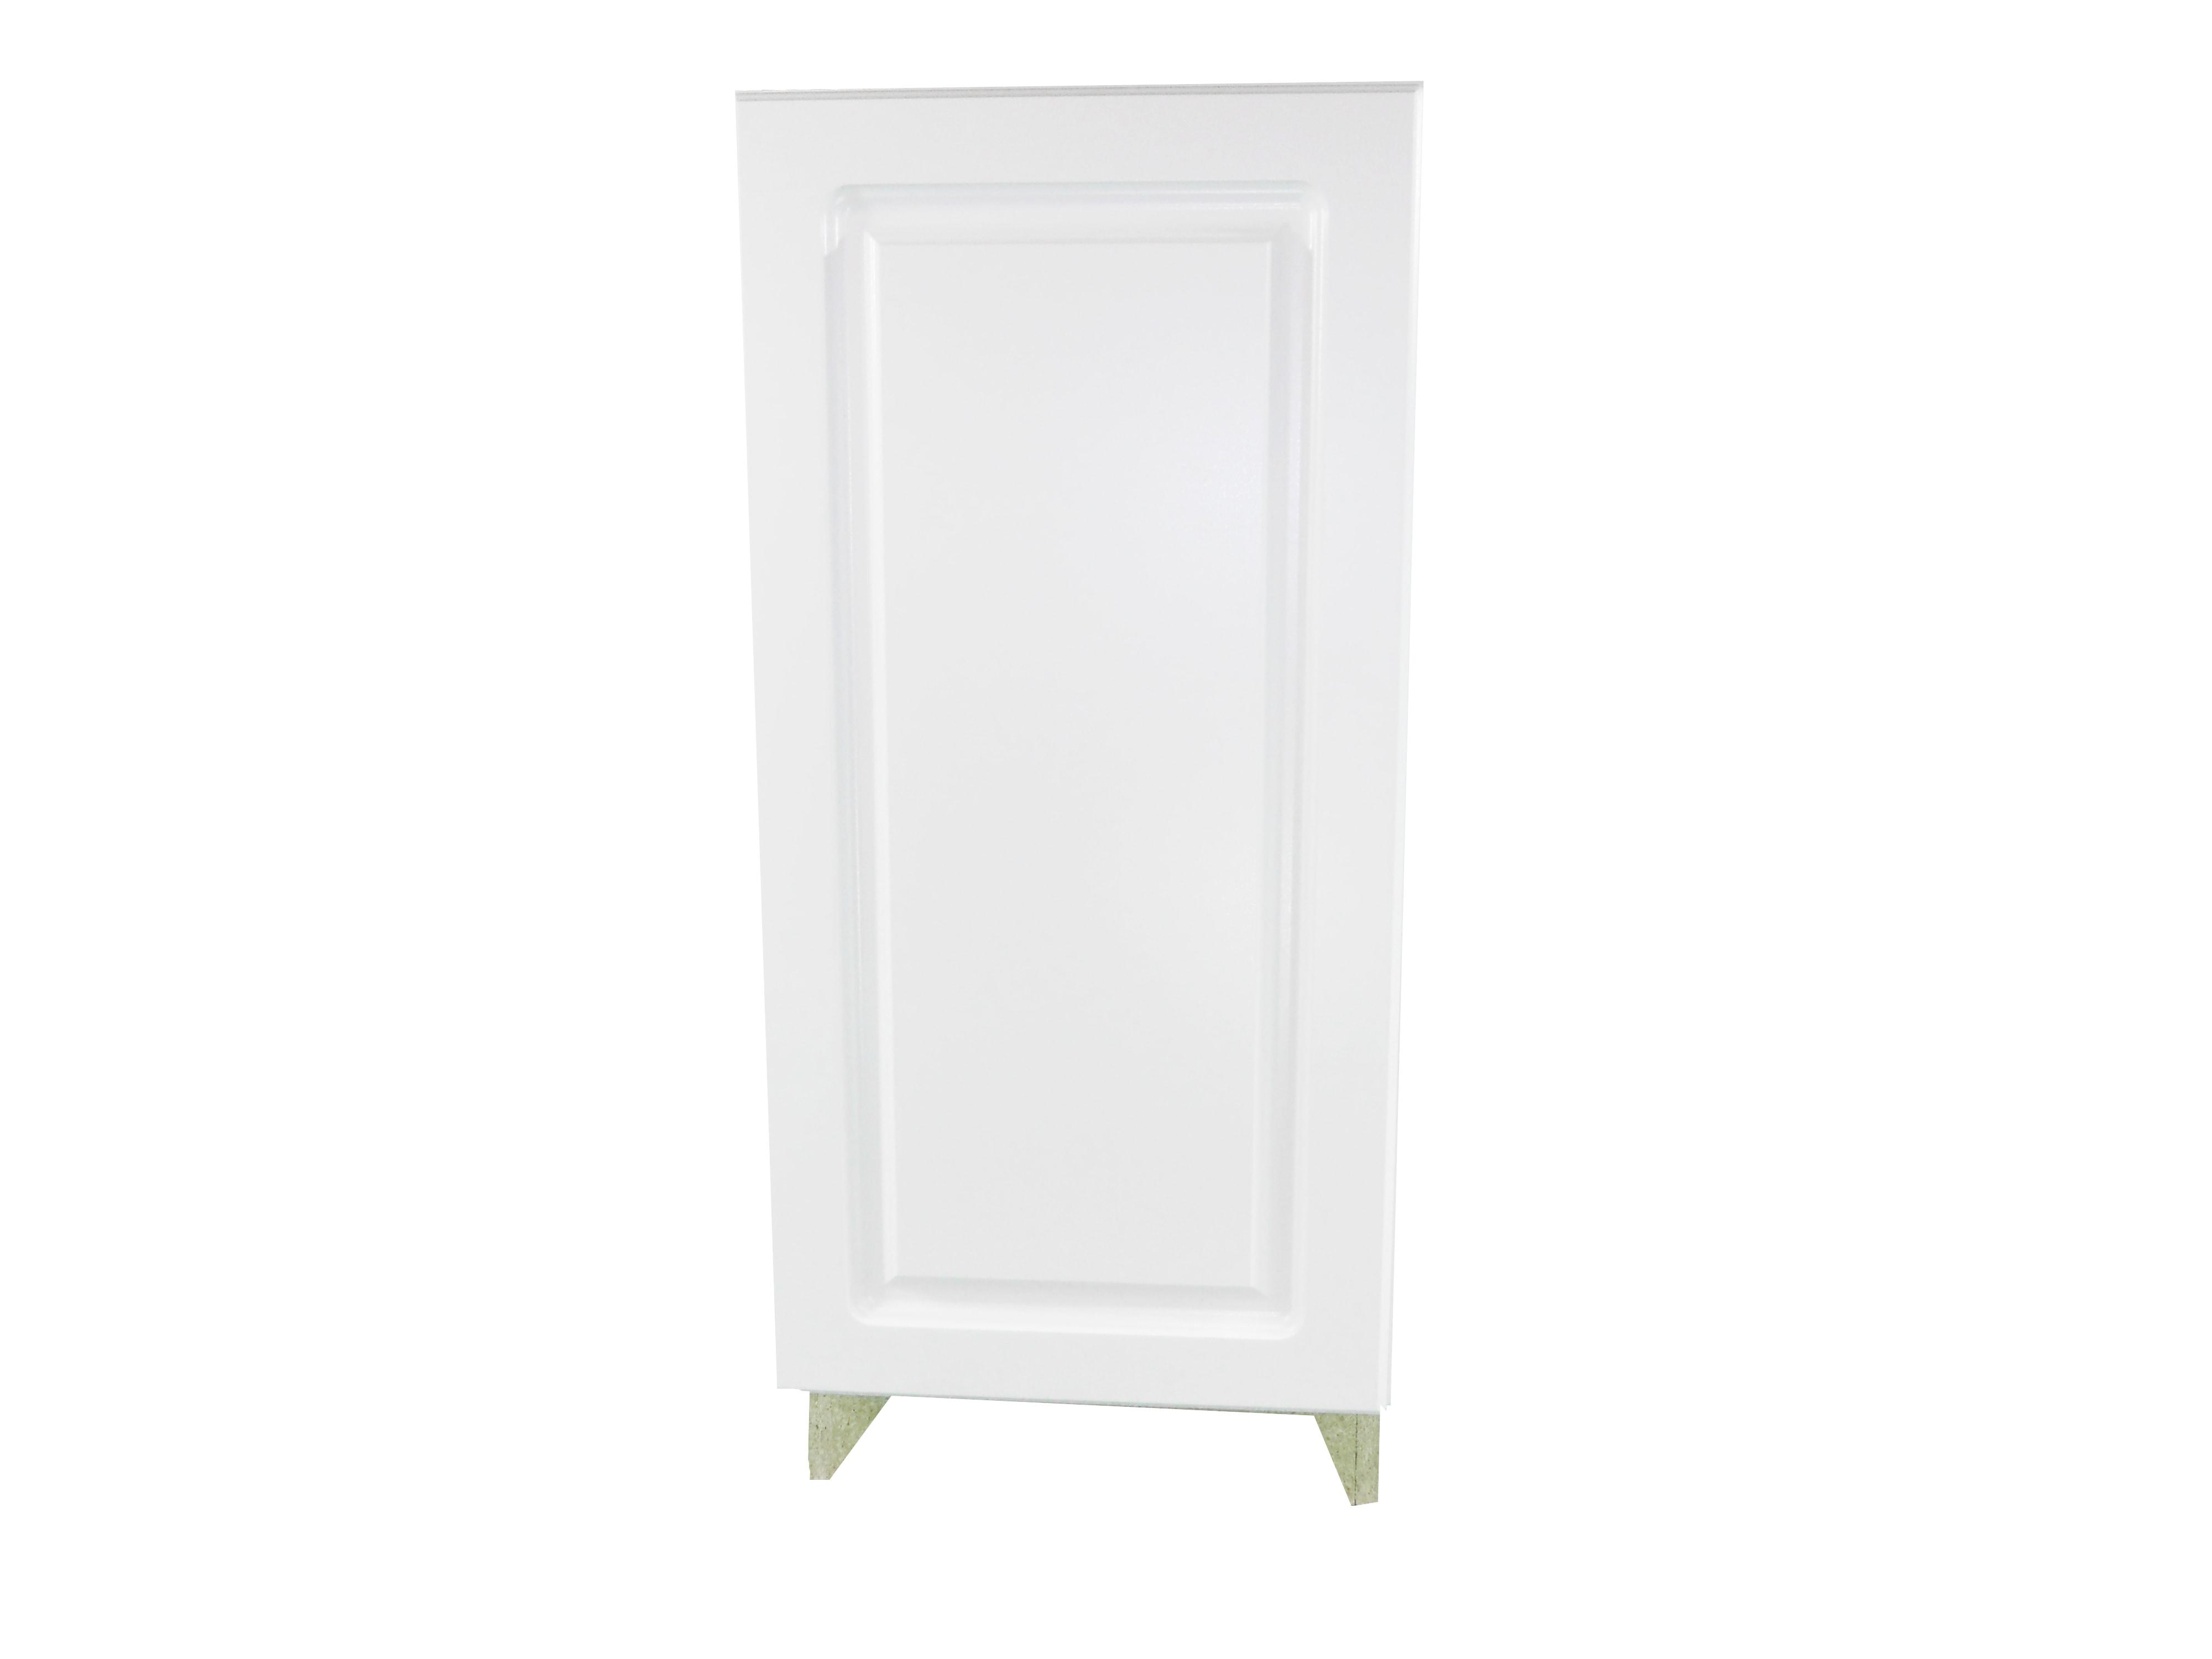 Base Cabinet With Door / San Juan / Raised Panel White / 9 San Juan 0